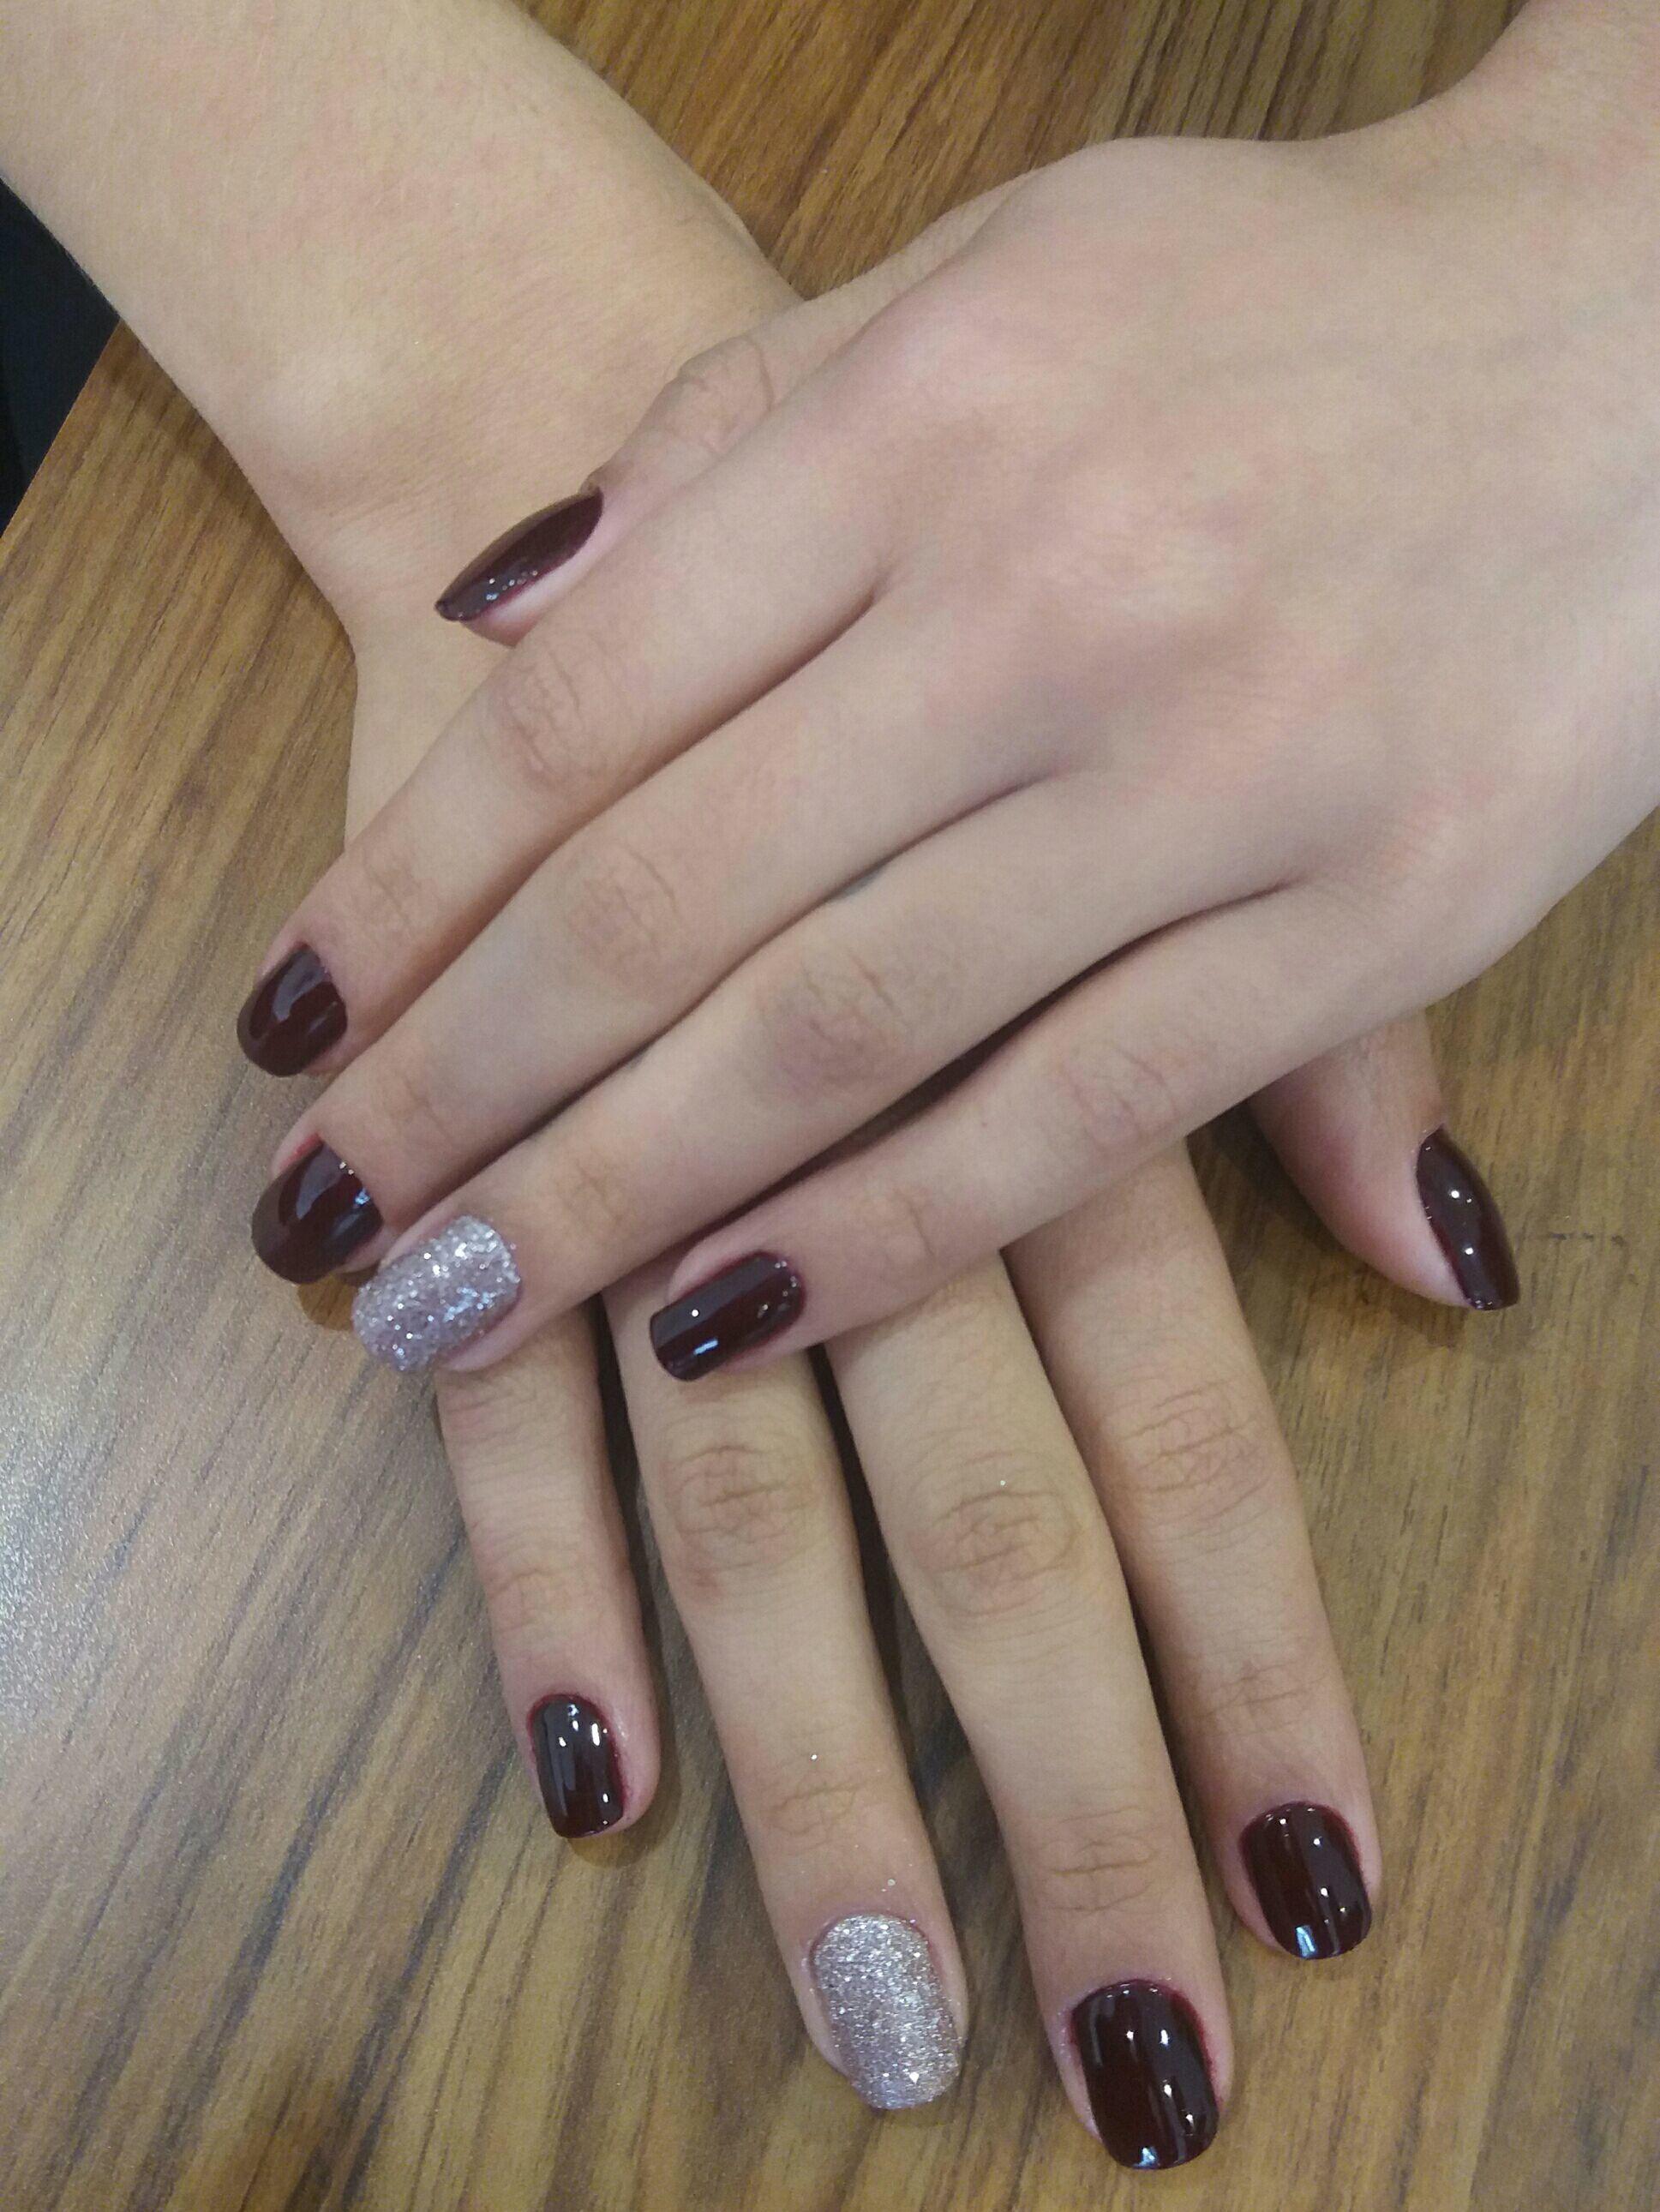 unha depilador(a) manicure e pedicure manicure e pedicure